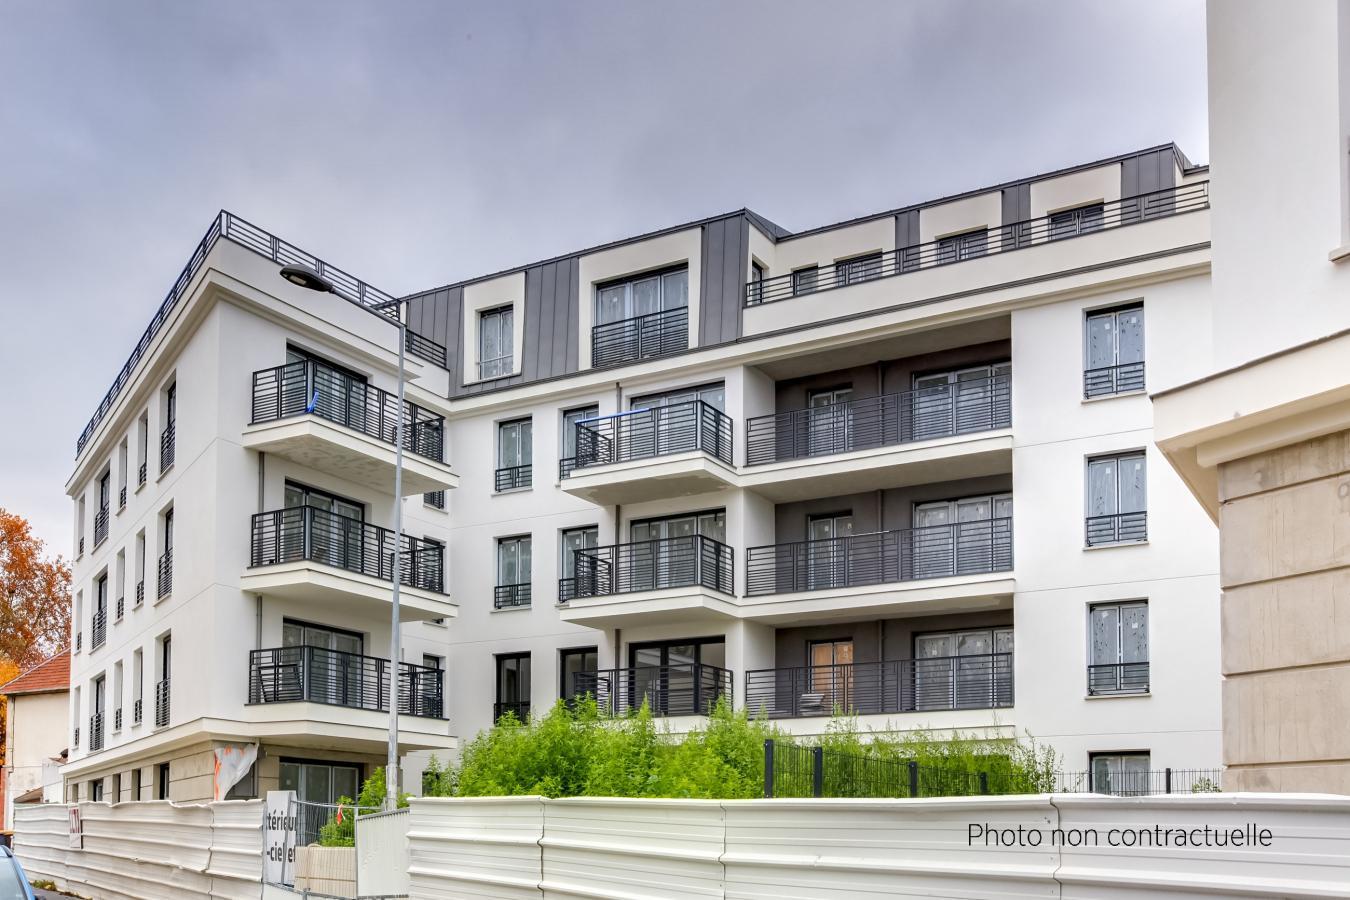 Appartement a louer houilles - 3 pièce(s) - 63 m2 - Surfyn